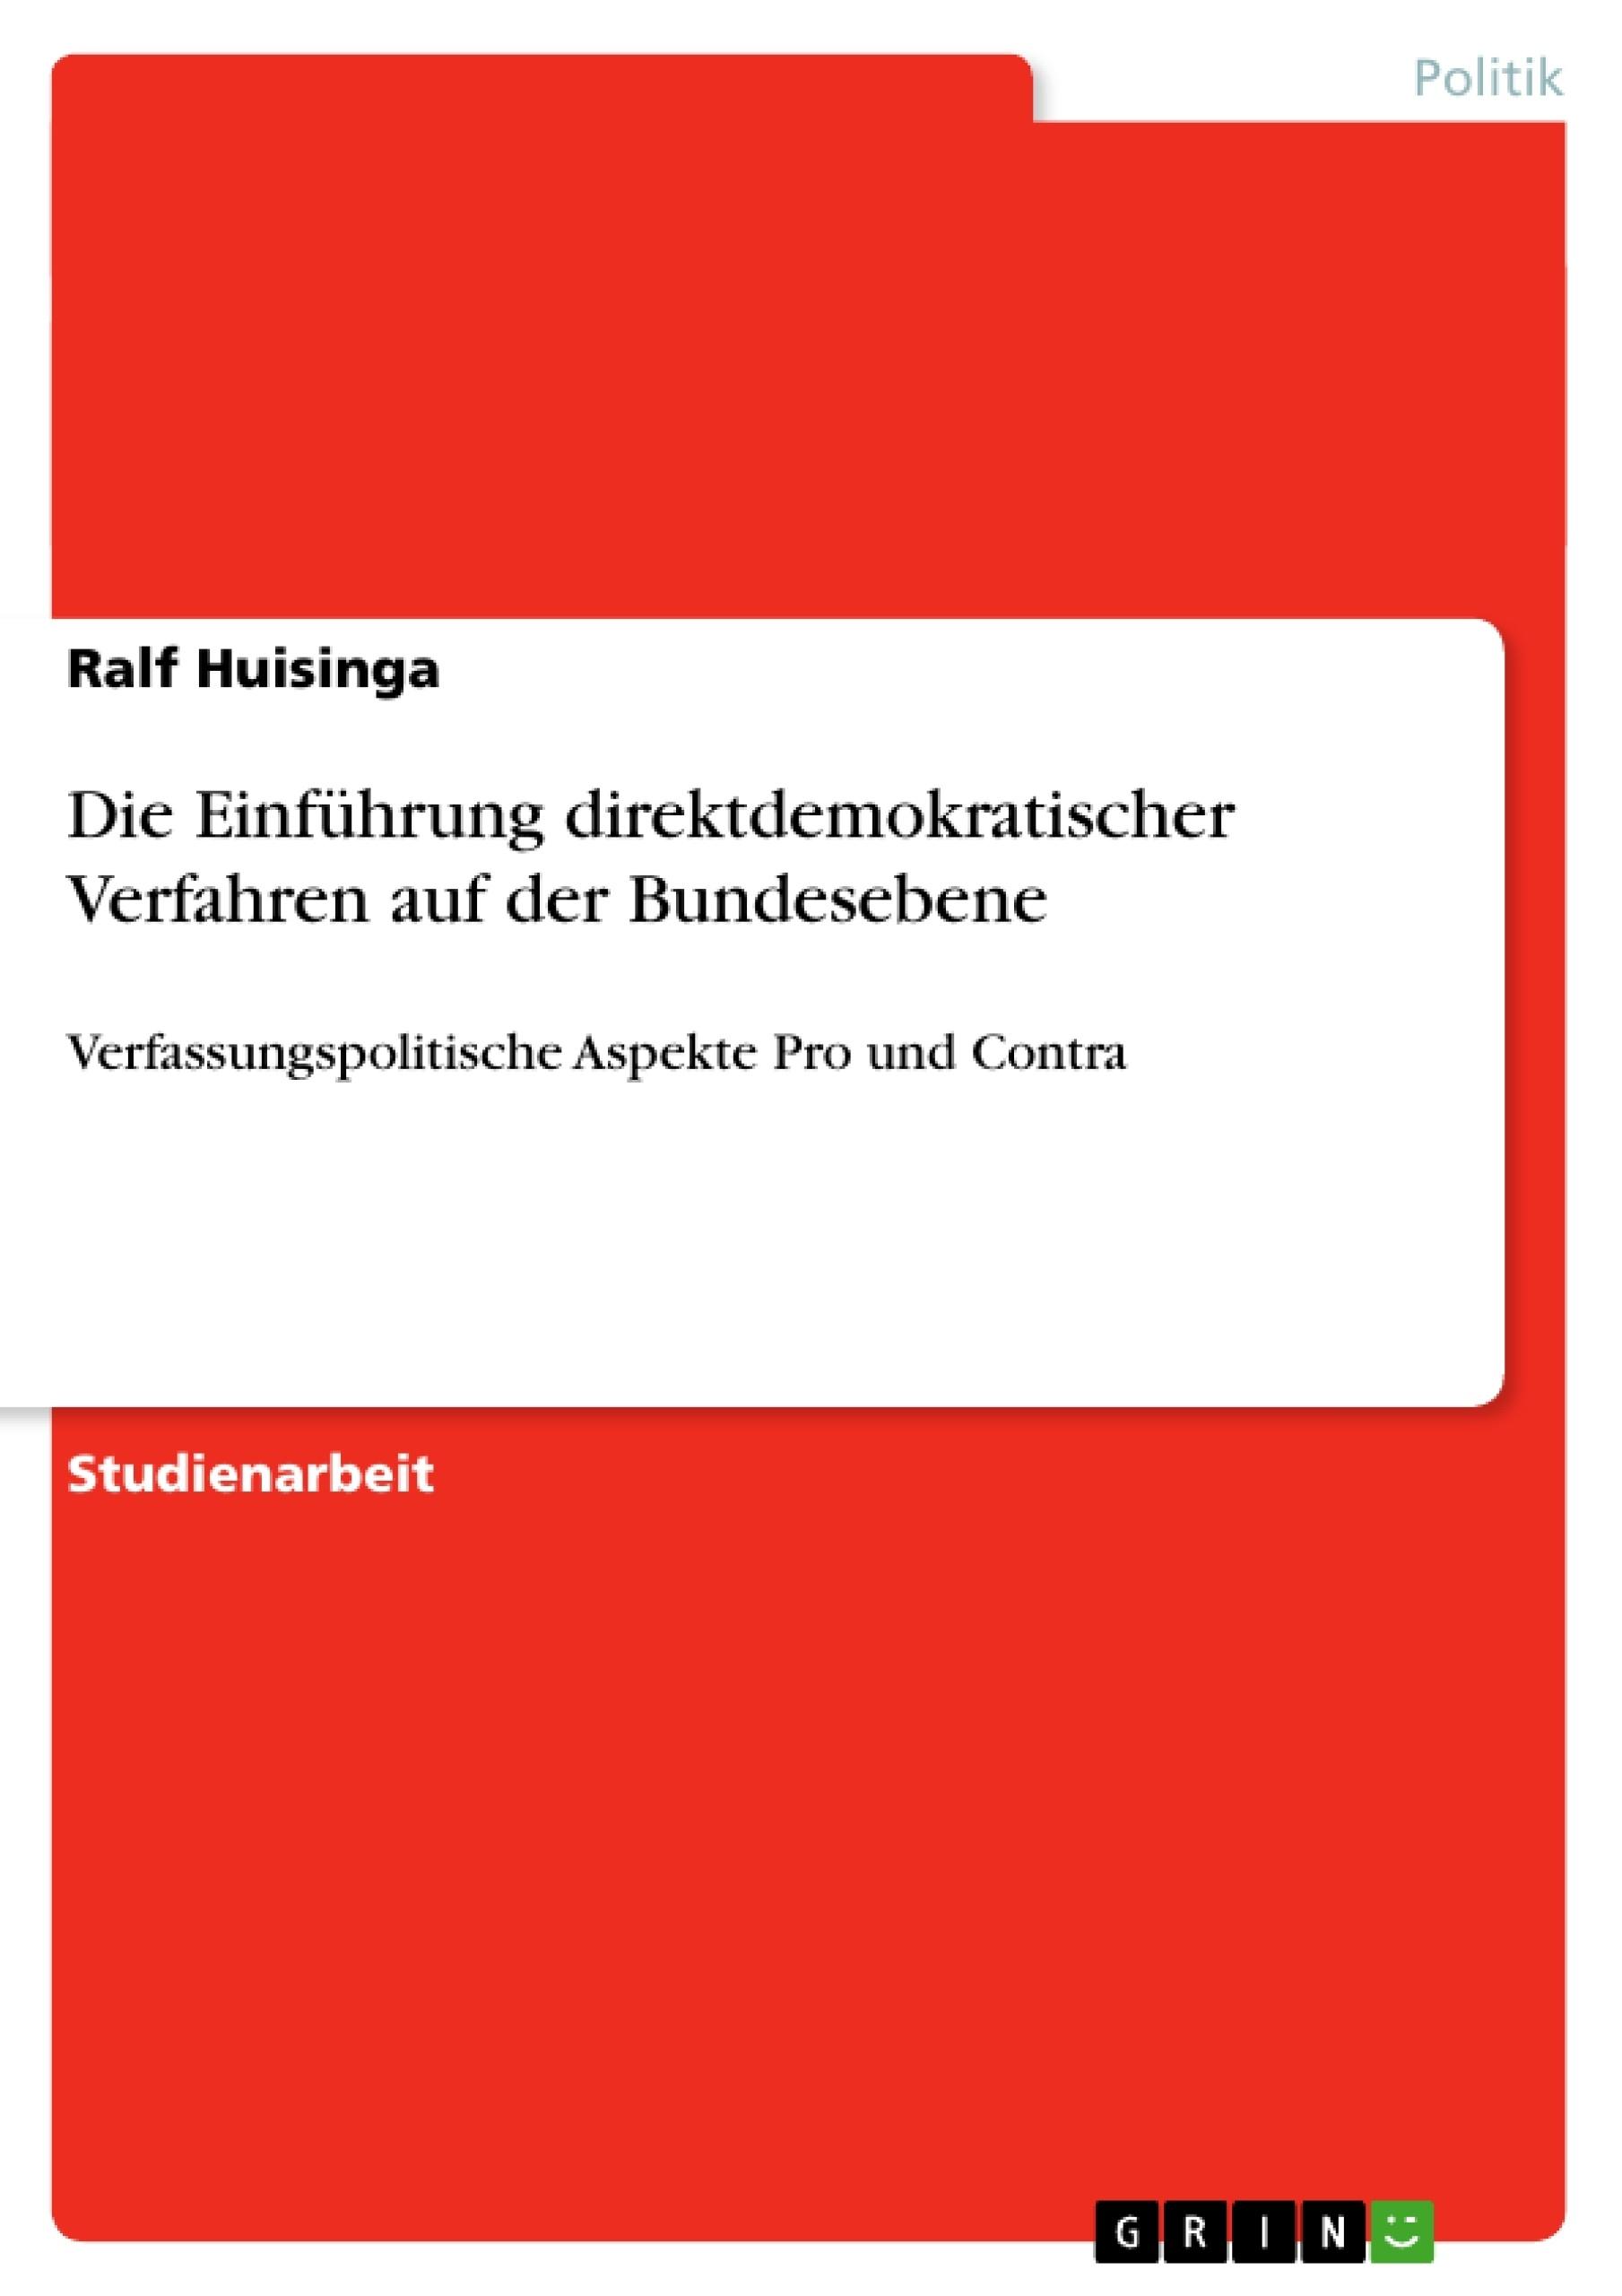 Titel: Die Einführung direktdemokratischer Verfahren auf der Bundesebene